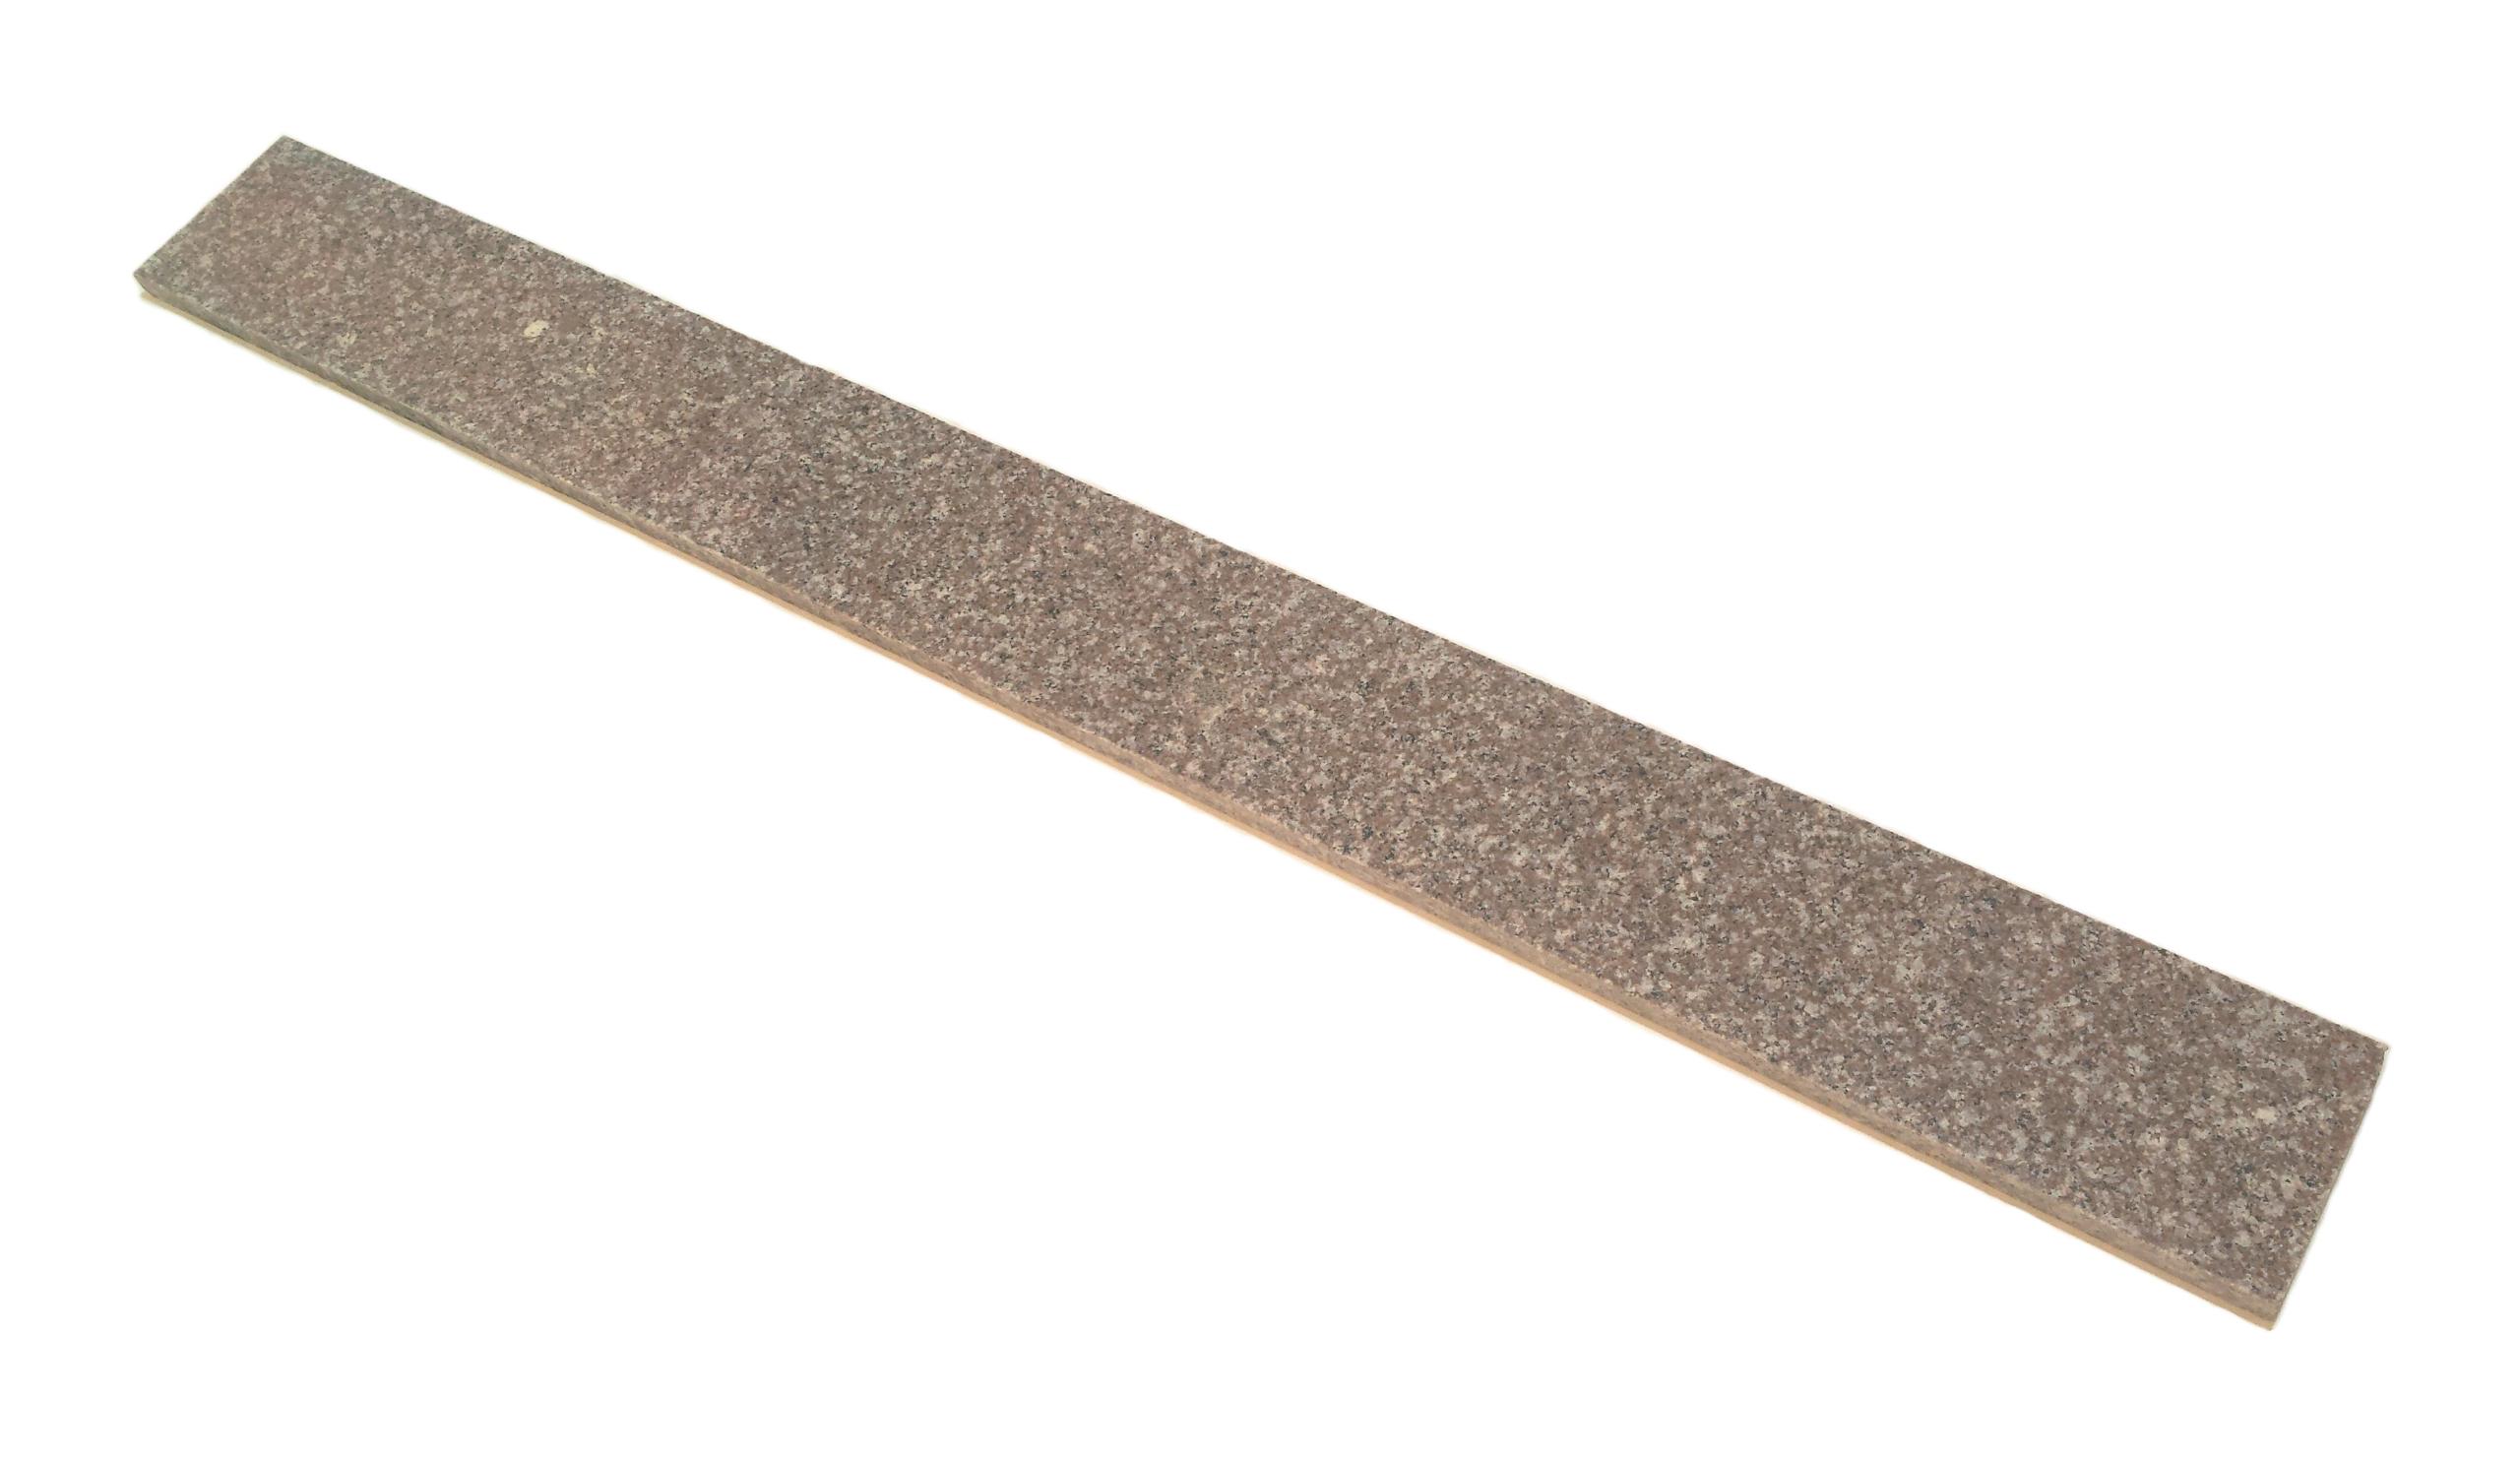 Podstopnica schodowa granit Light Brown G607 polerowana 150cm x 15cm x 2cm